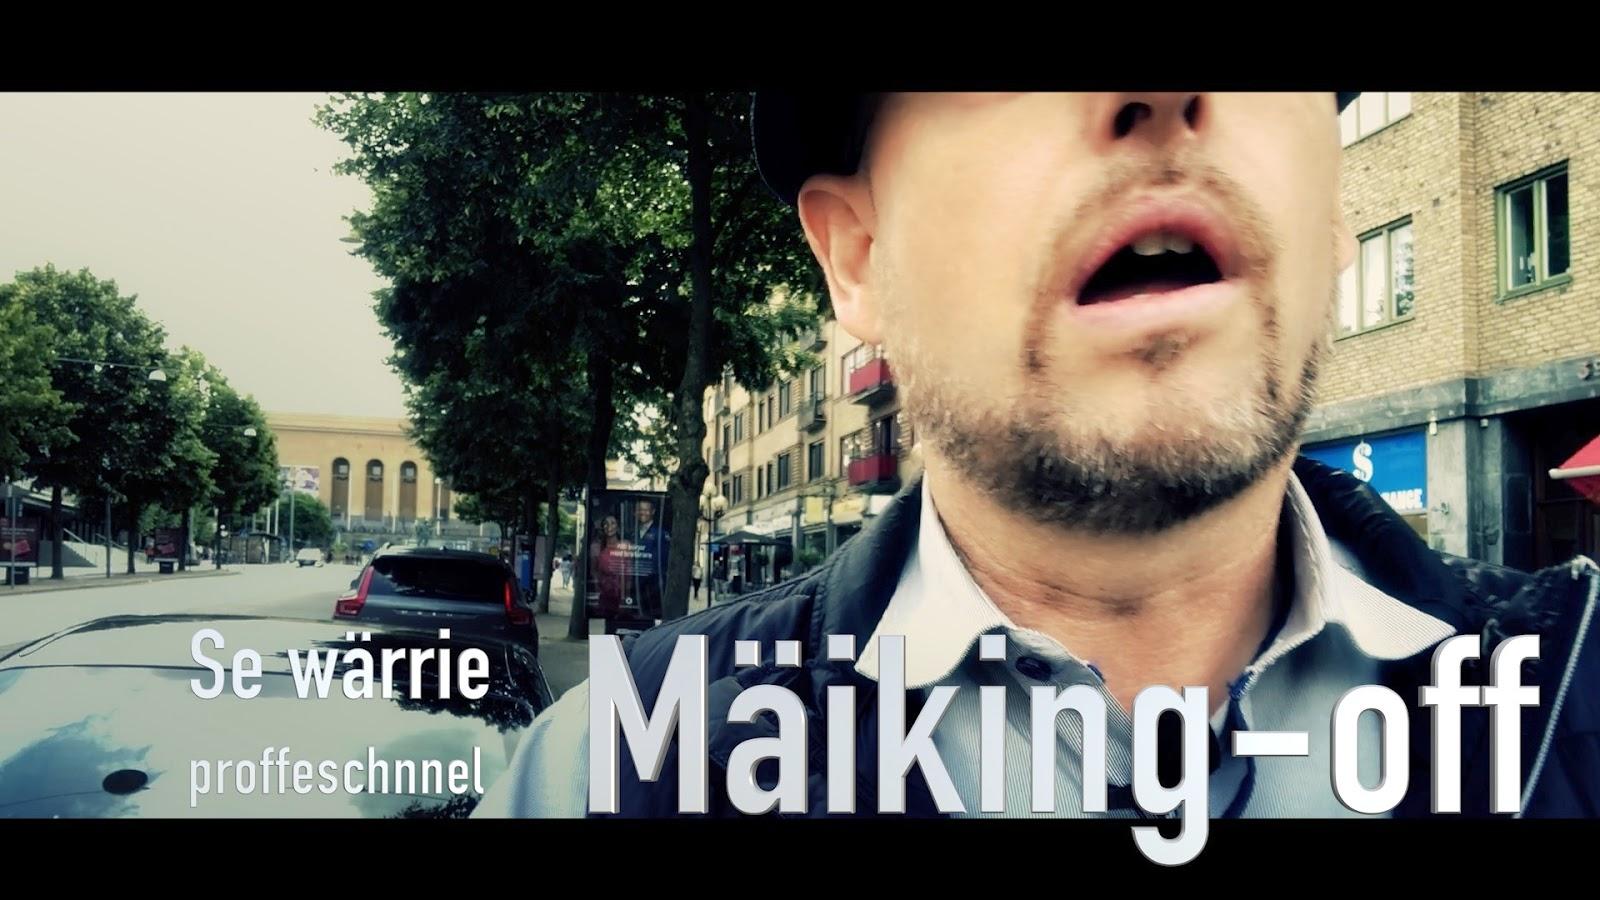 Das Making of the neueste Gebetsclip